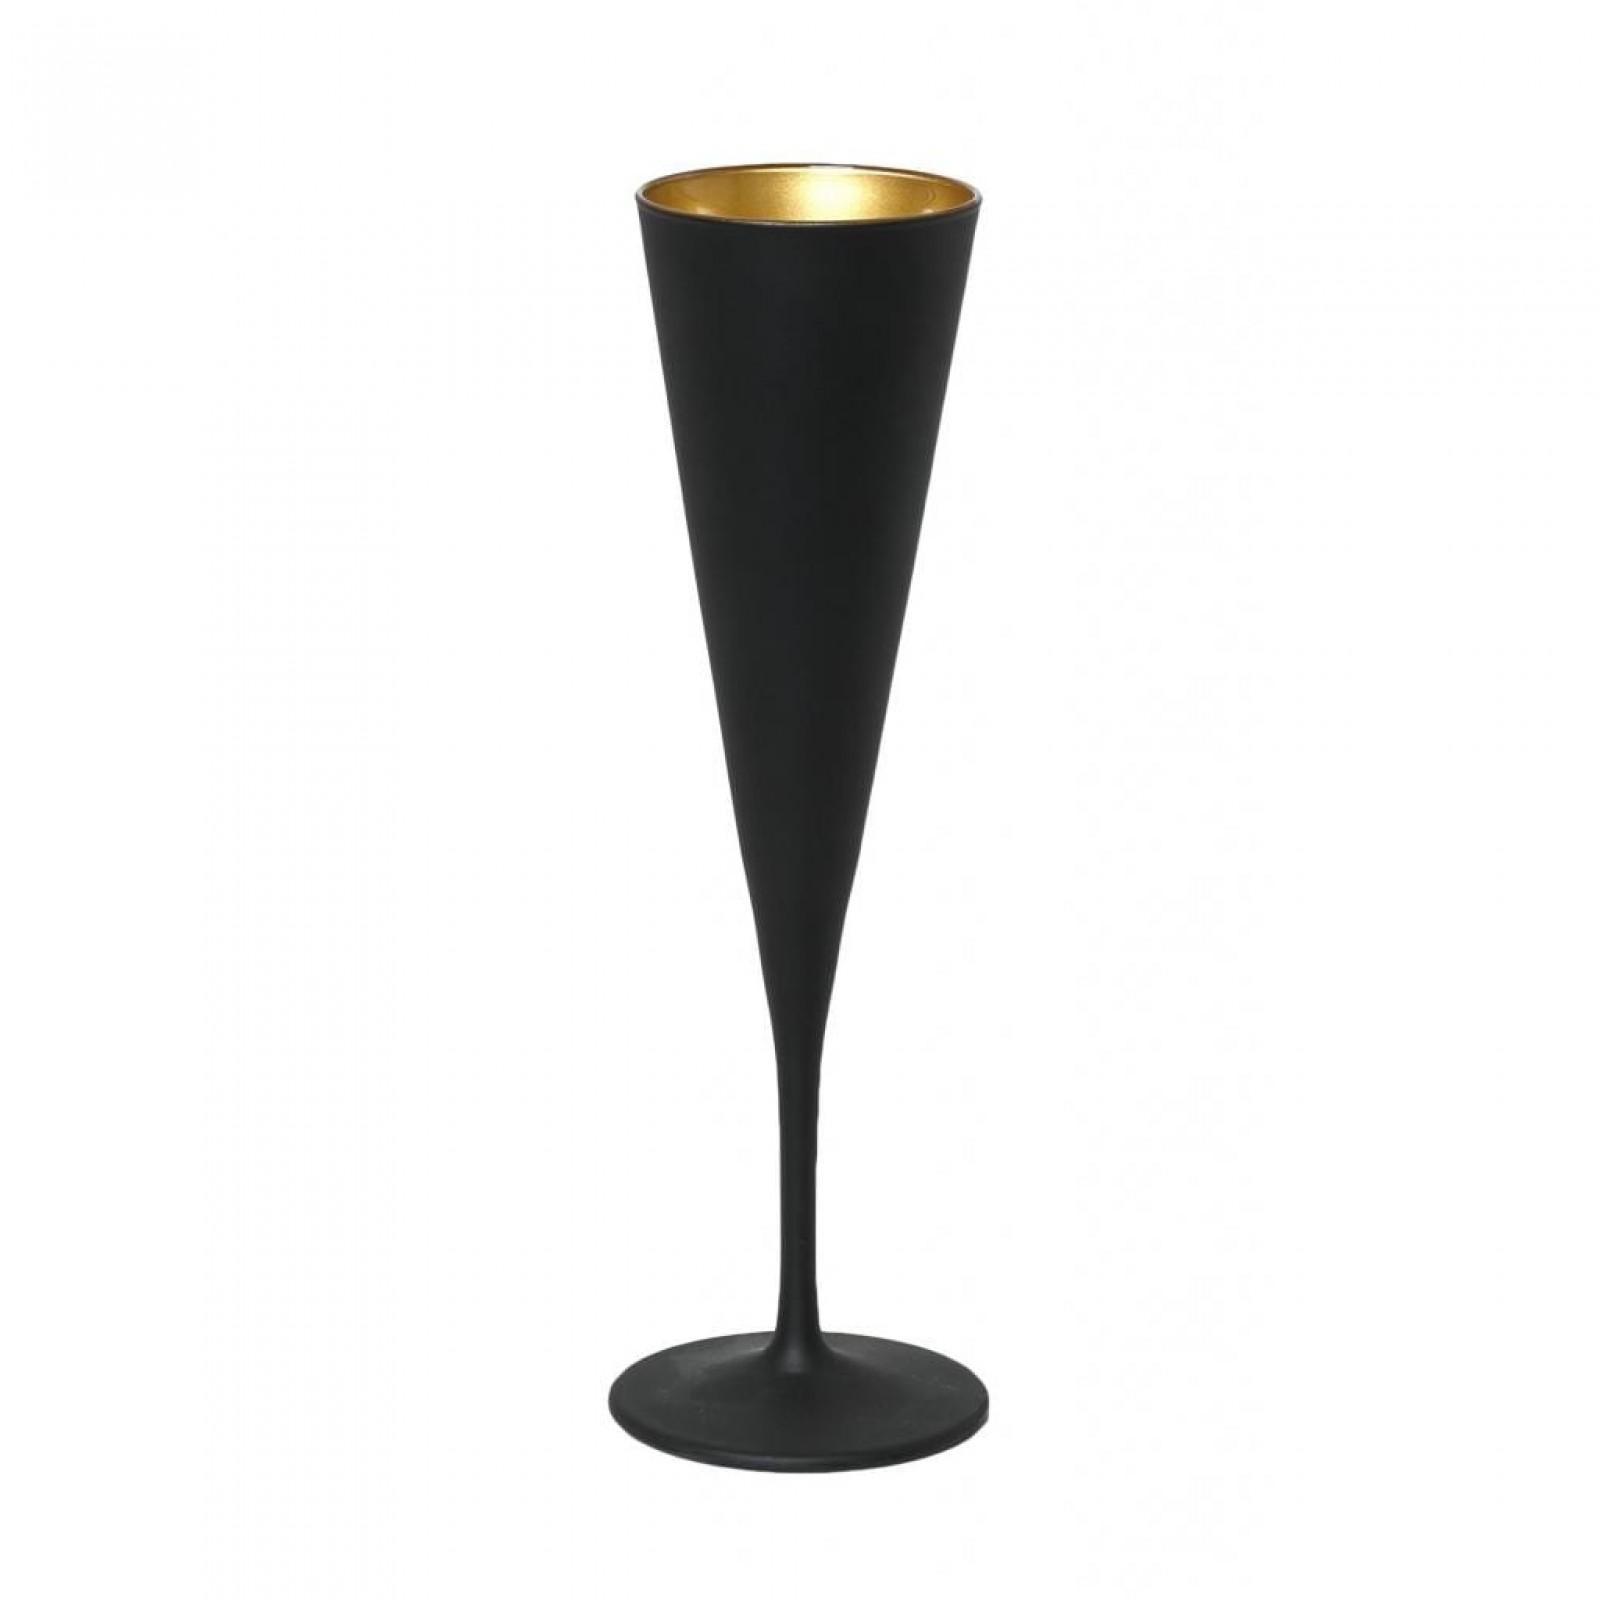 Ποτήρια Σαμπάνιας Maya Black Gold 150ml (Σετ των 6) - Espiel